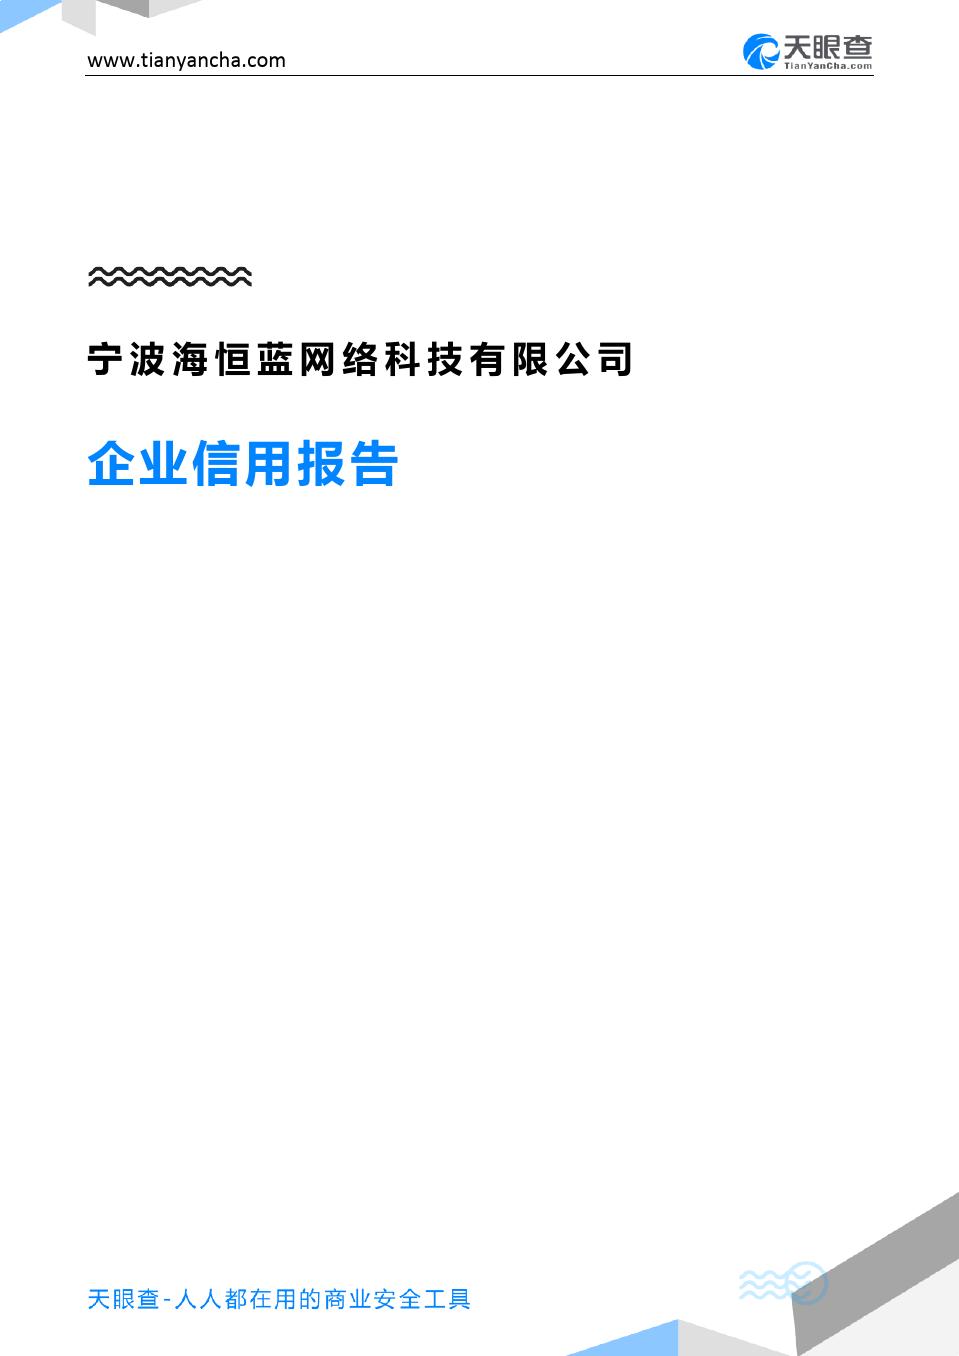 宁波海恒蓝网络科技有限公司(企业信用报告)- 天眼查